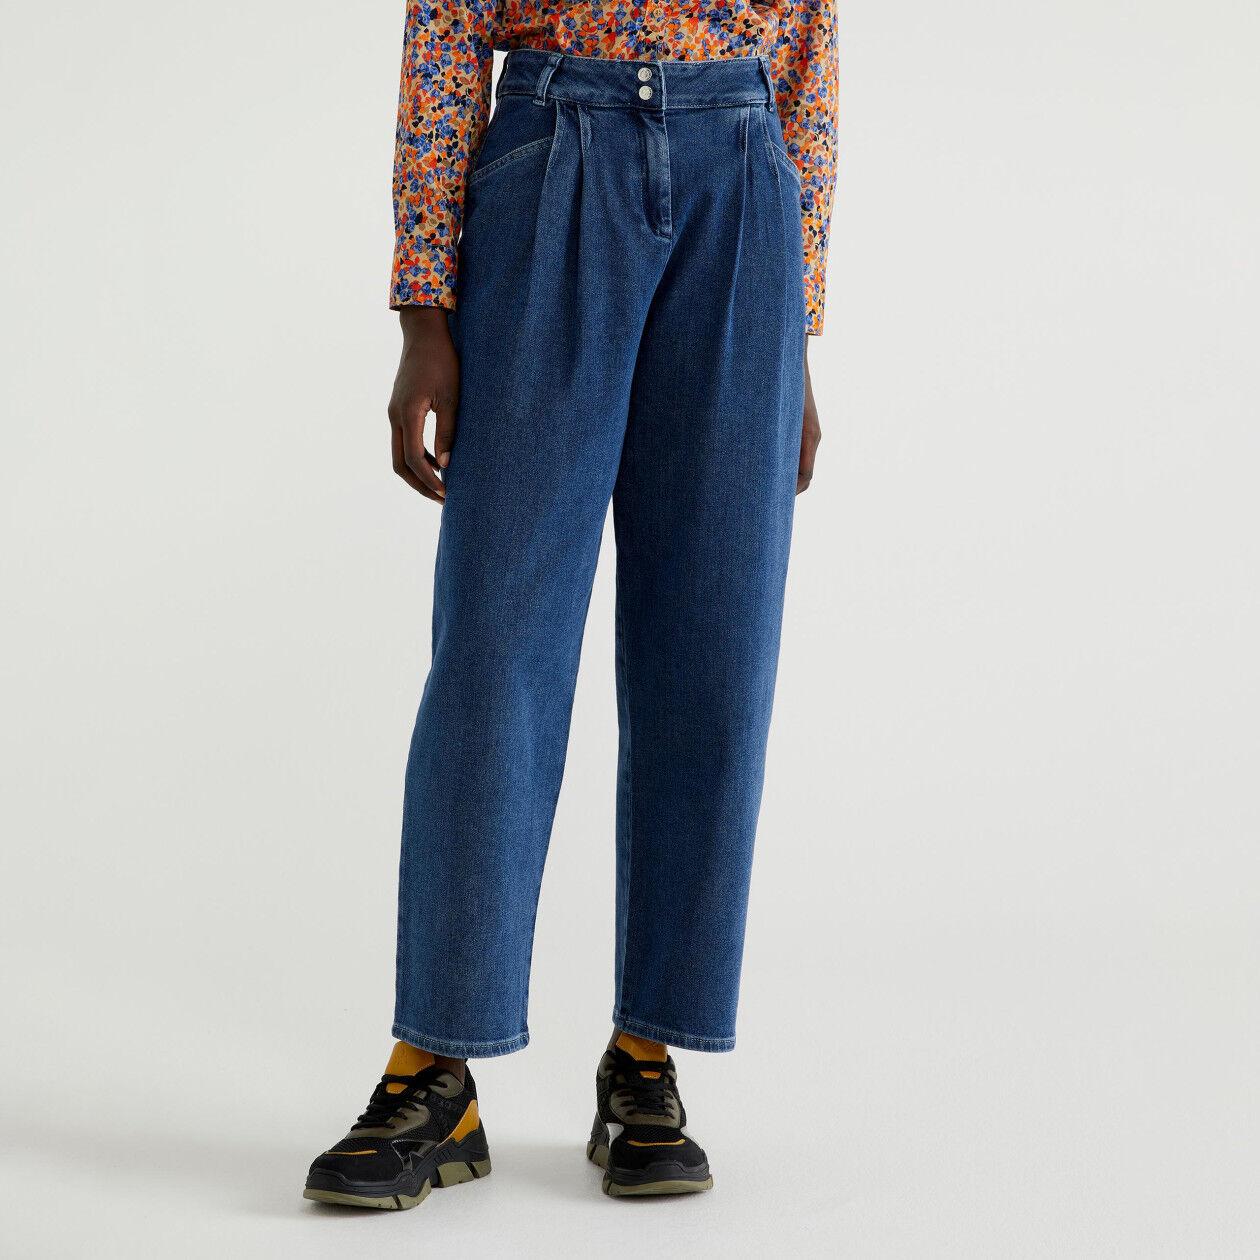 Pantaloni morbidi di jeans